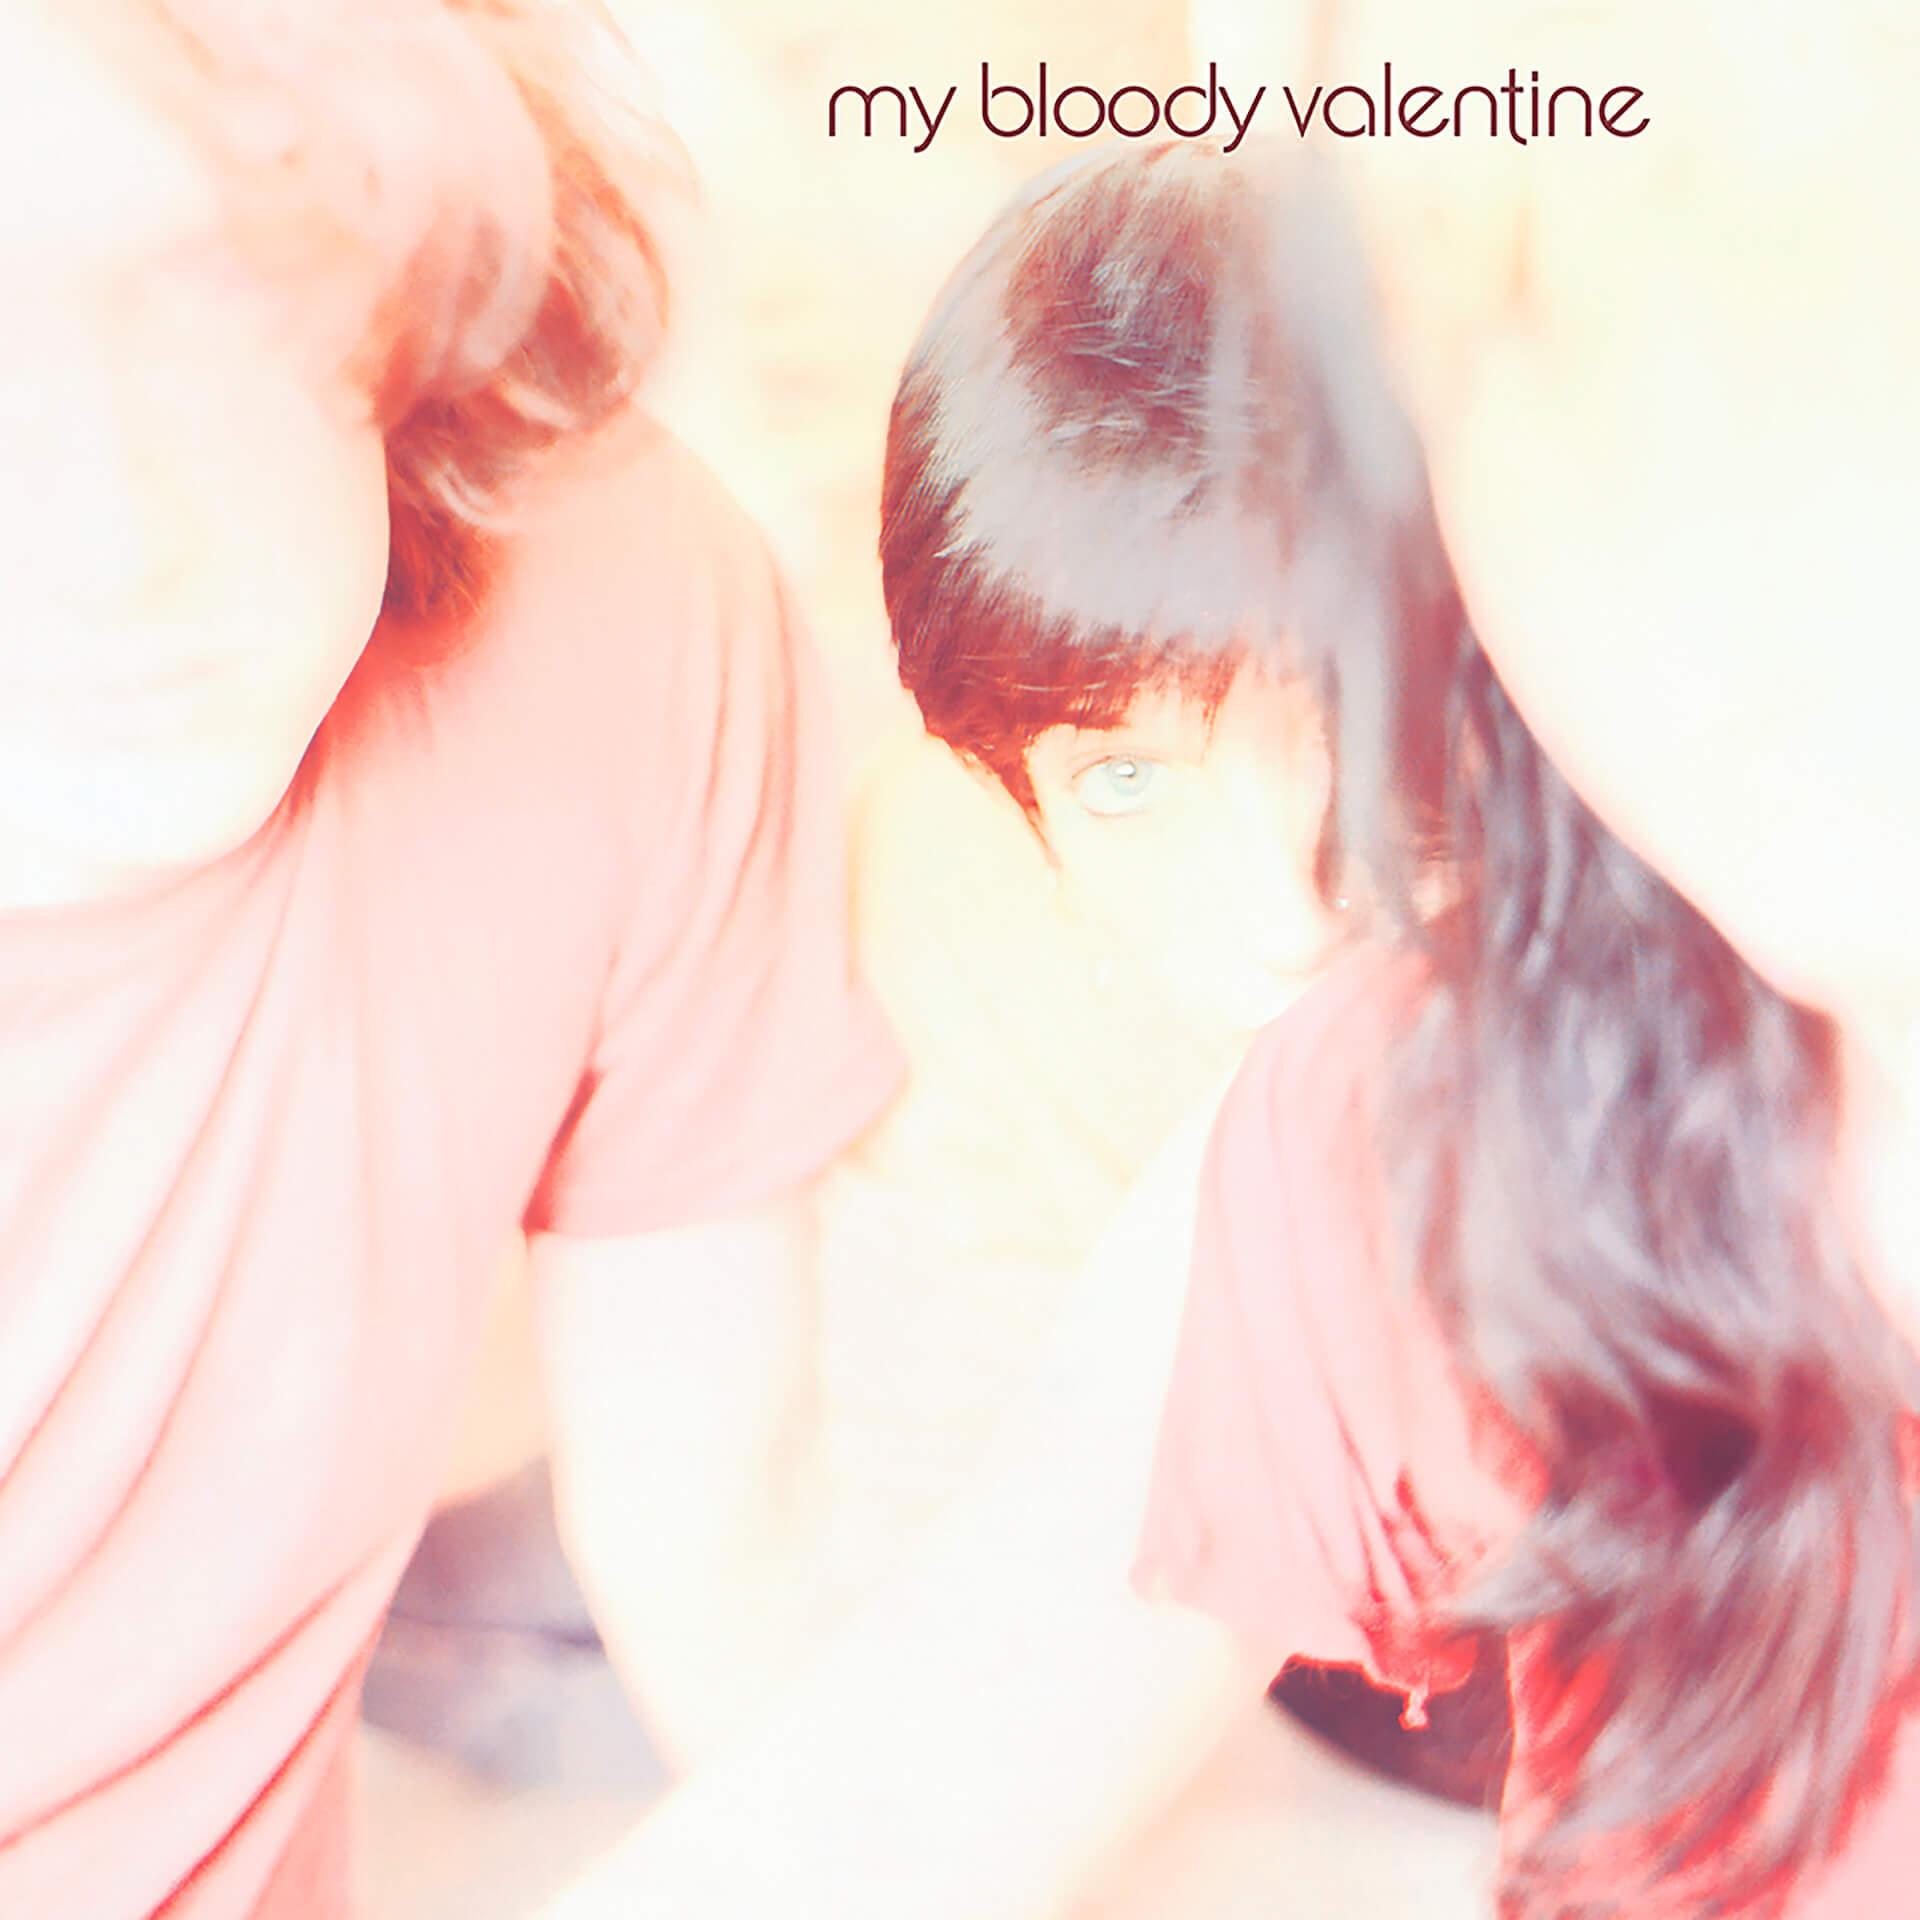 My Bloody Valentine新装盤CDとLPがいよいよ今週発売!レコードショップ別の各種特典が解禁 music210517_mybloodyvalentine-210517_18